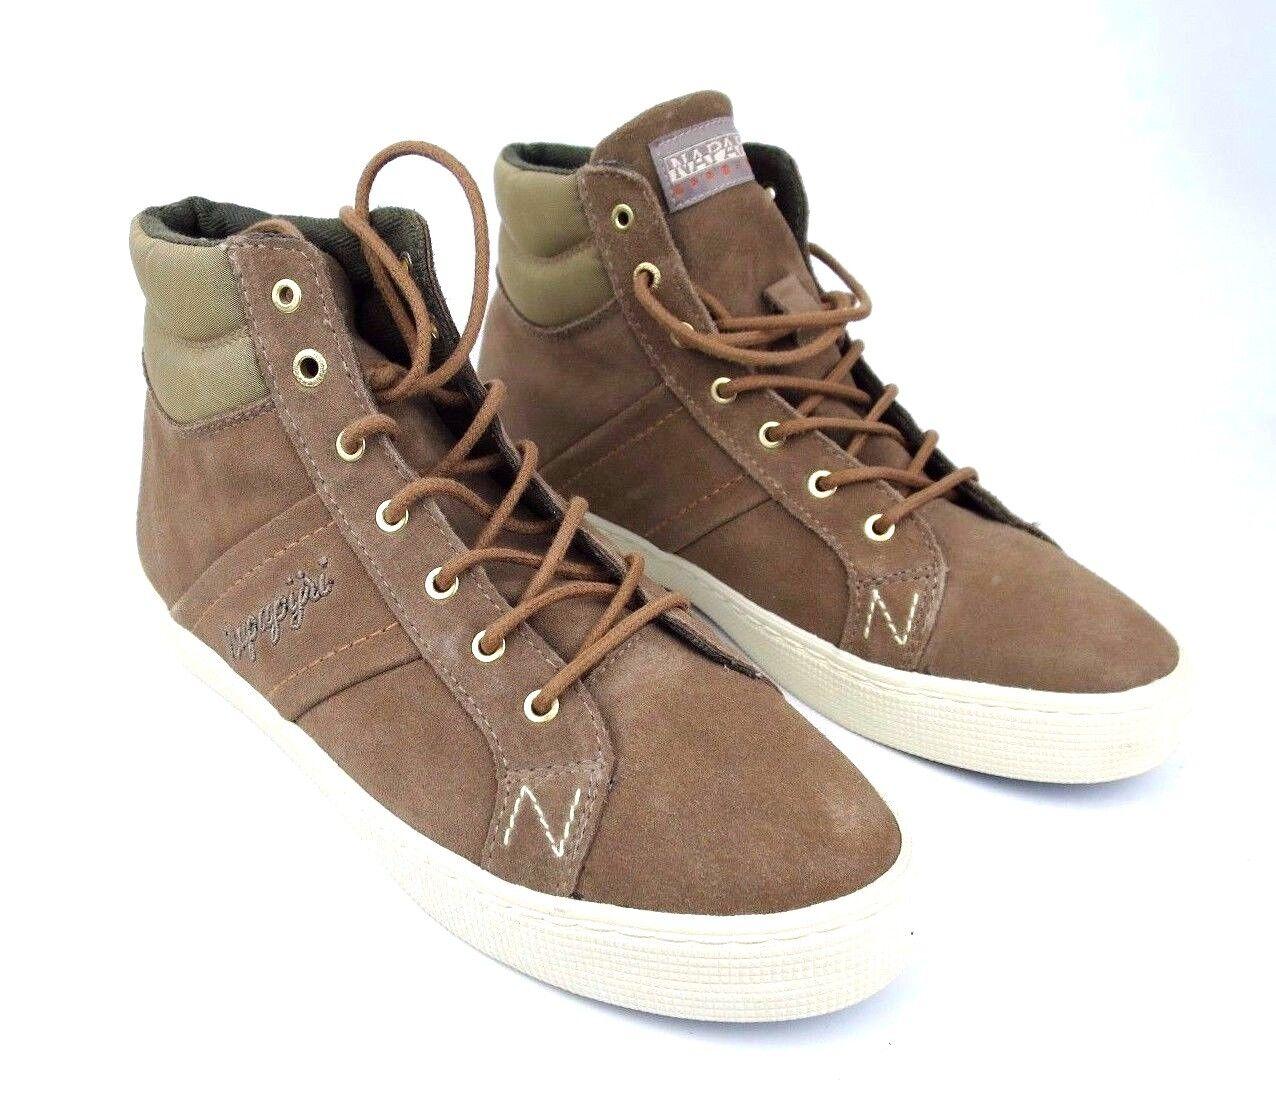 Napapijri señora zapatillas botines botas zapatos 39 Ellen-gr 39 zapatos nuevo New  41 506fcb